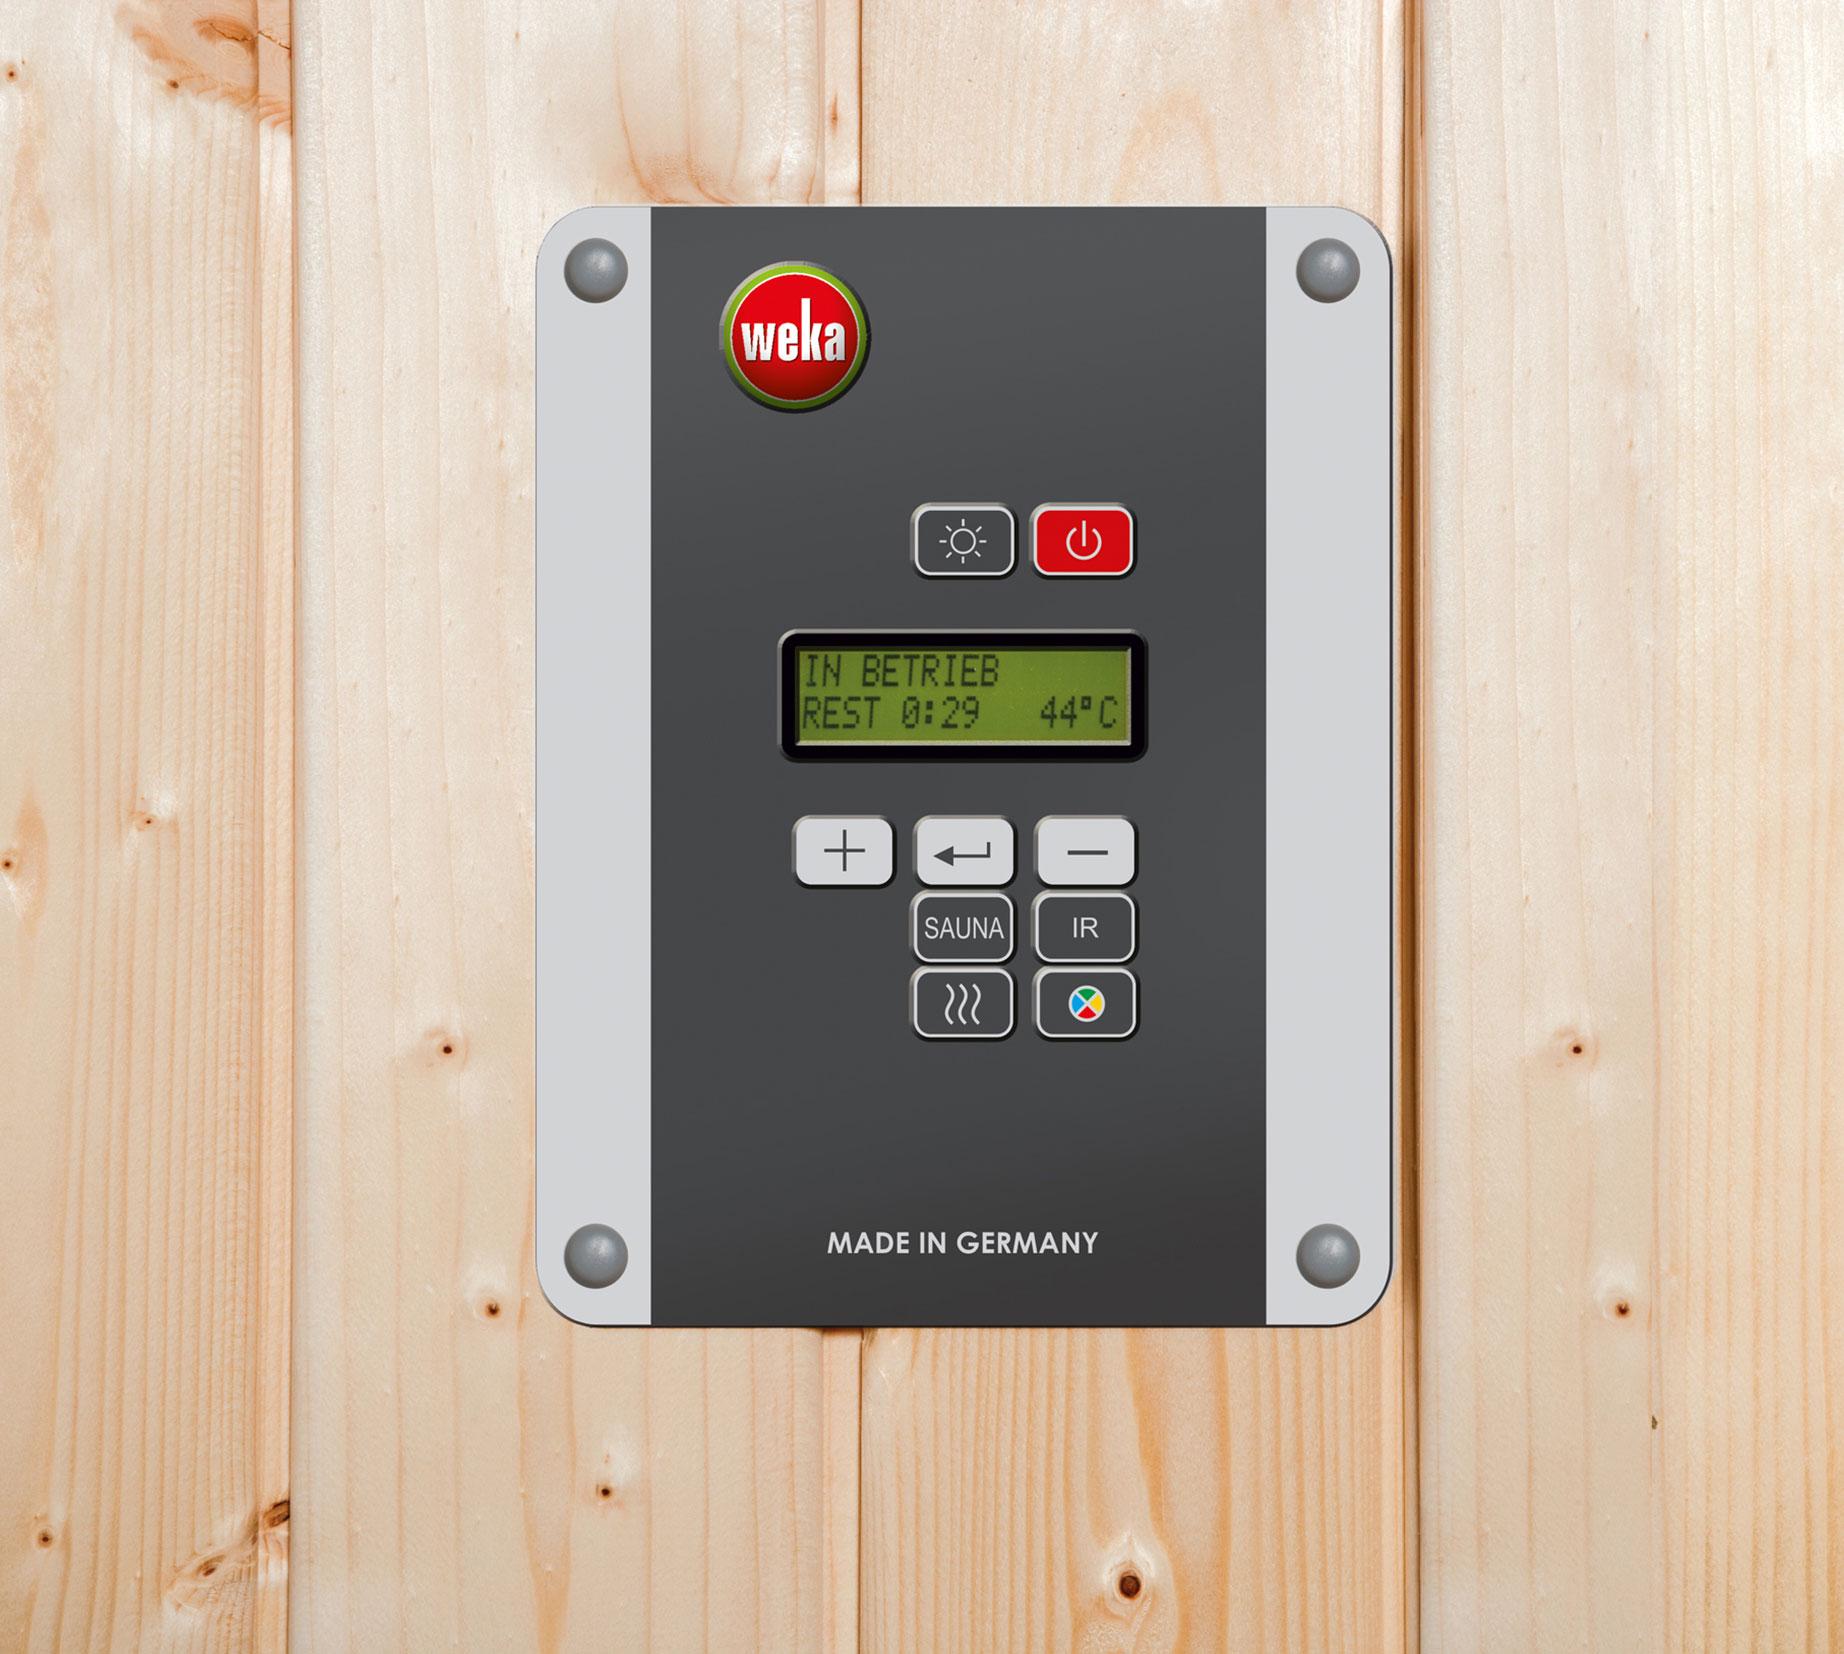 Weka Sauna Turku 1 Set 1 45mm Saunaofen 7,5kW PremiumGlastür + Fenster Bild 6